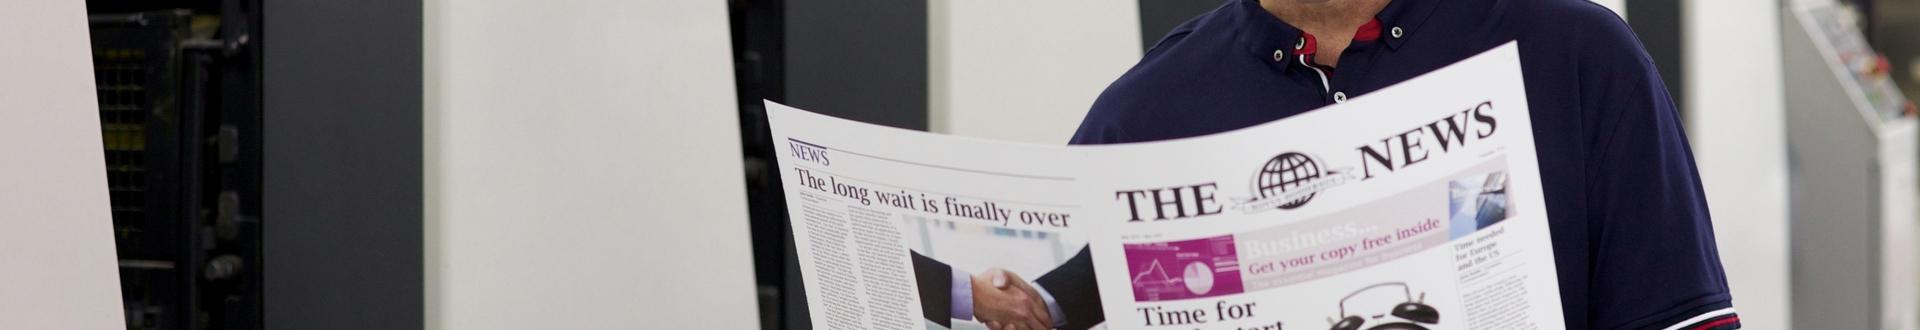 pan trzymający gazetę